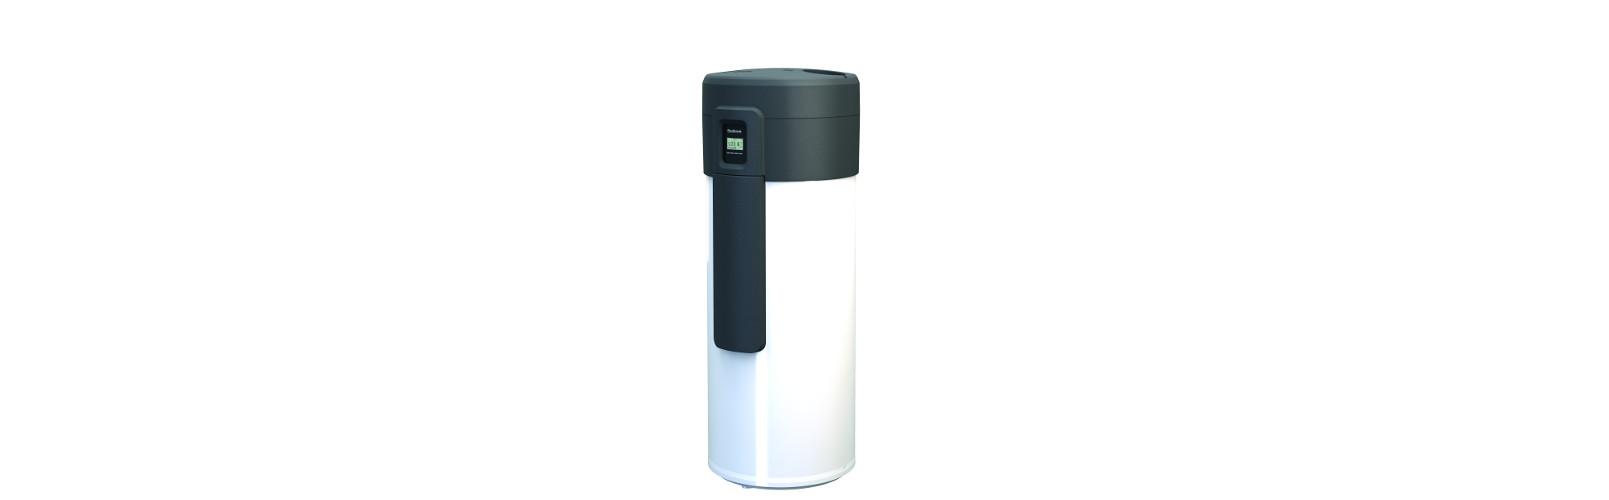 Brauchwasser-Wärmepumpe